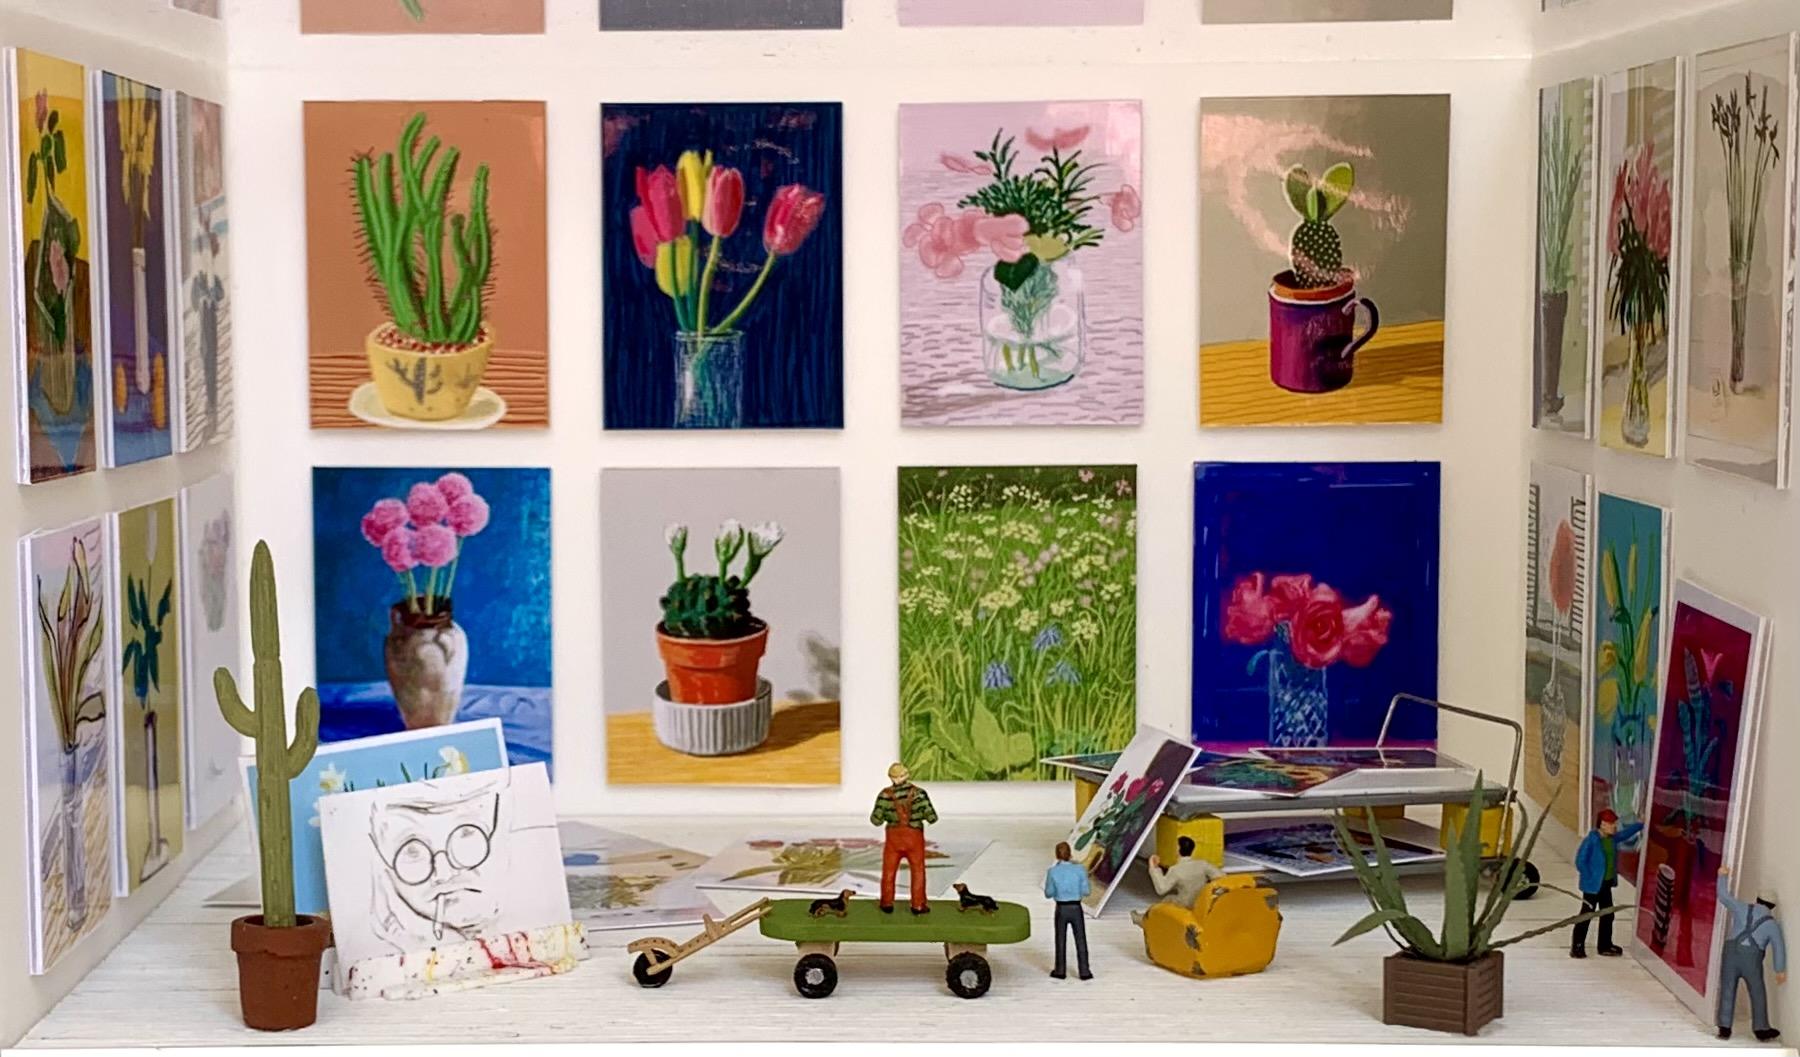 Dans l'atelier de David Hockney  - les fleurs